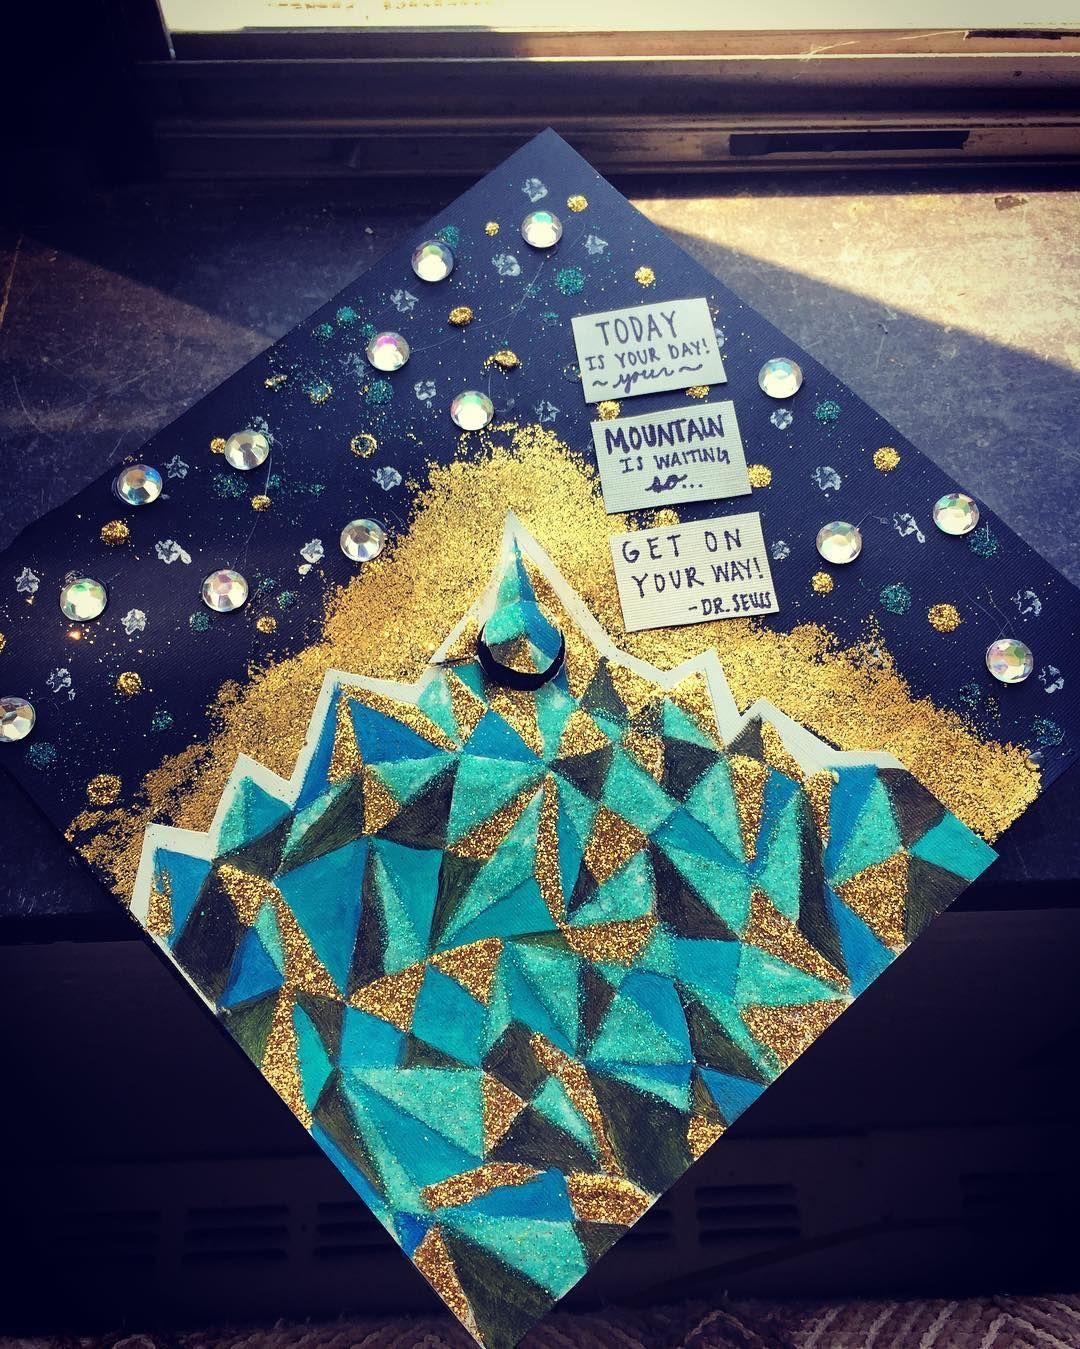 Graduation cap 2016 #graduationcapideas #graduation #cap #ideas #mountains #adventure #glitter #rhinestones #diy #drseuss #quotes #explore